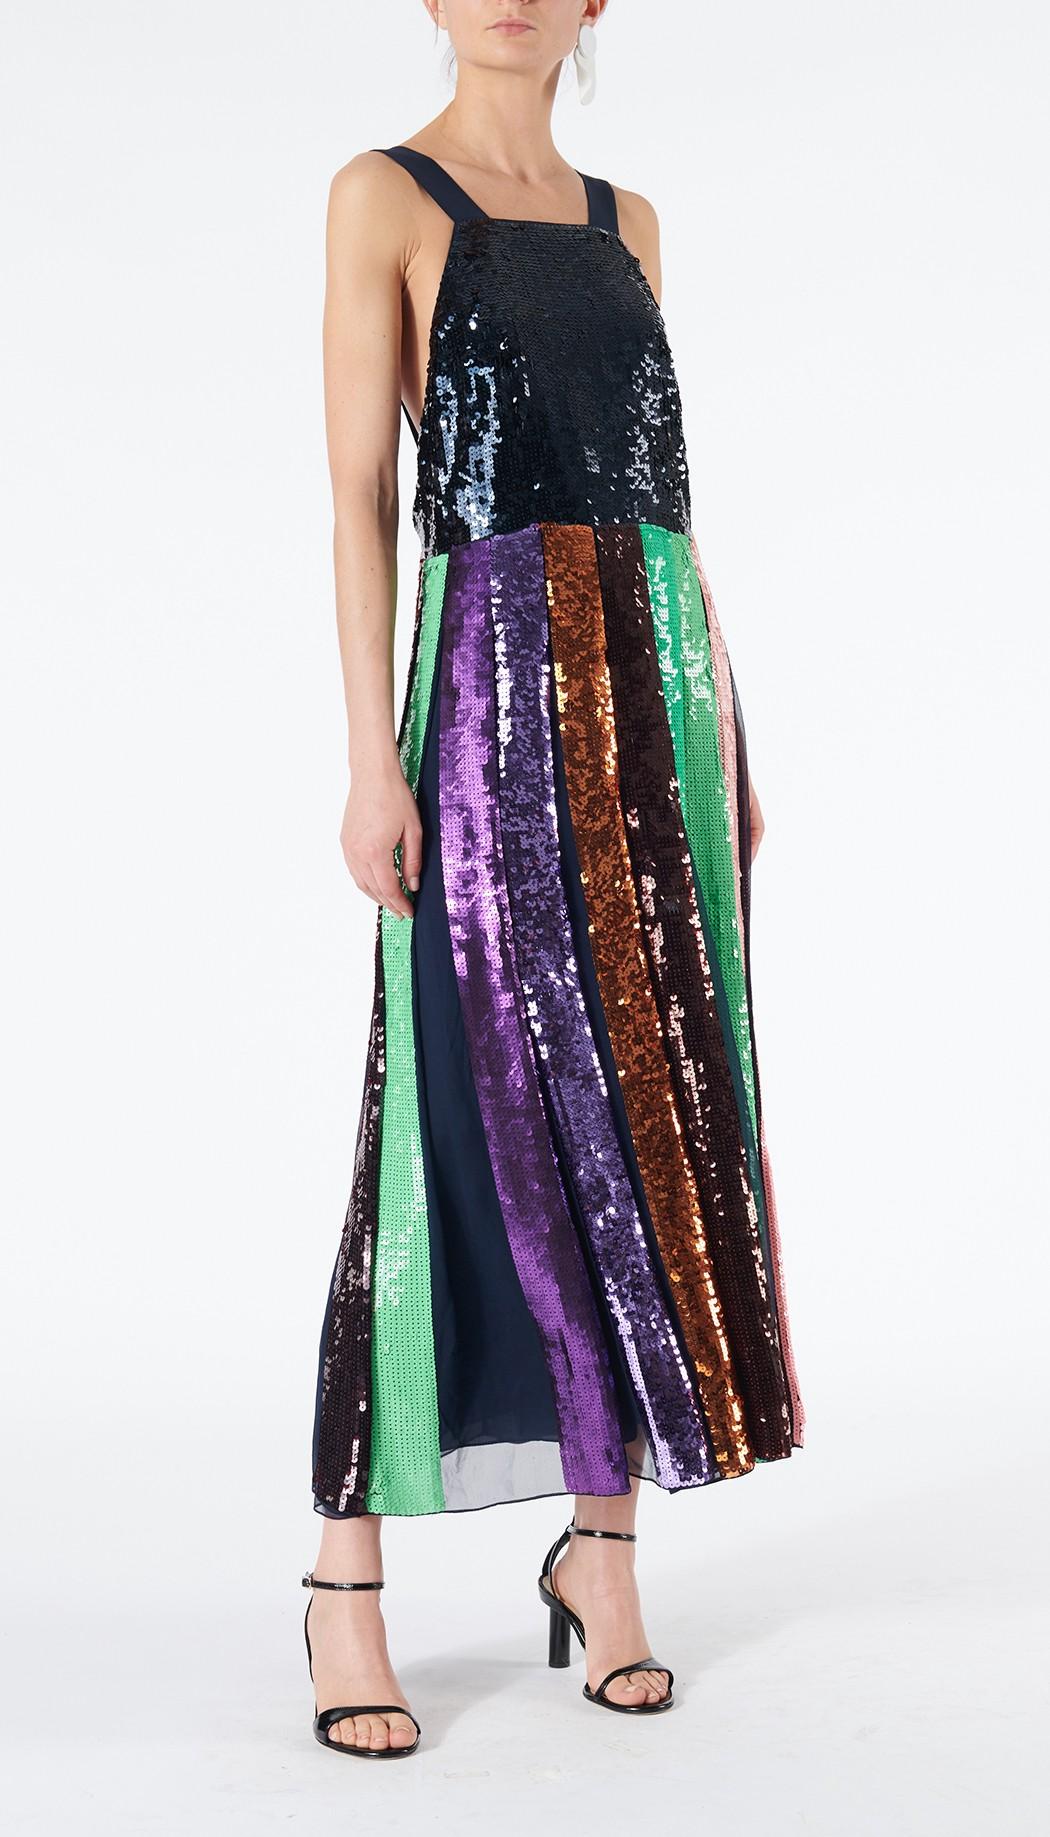 0ce4a1de228 Tibi Striped Sequined Overall Dress - 10